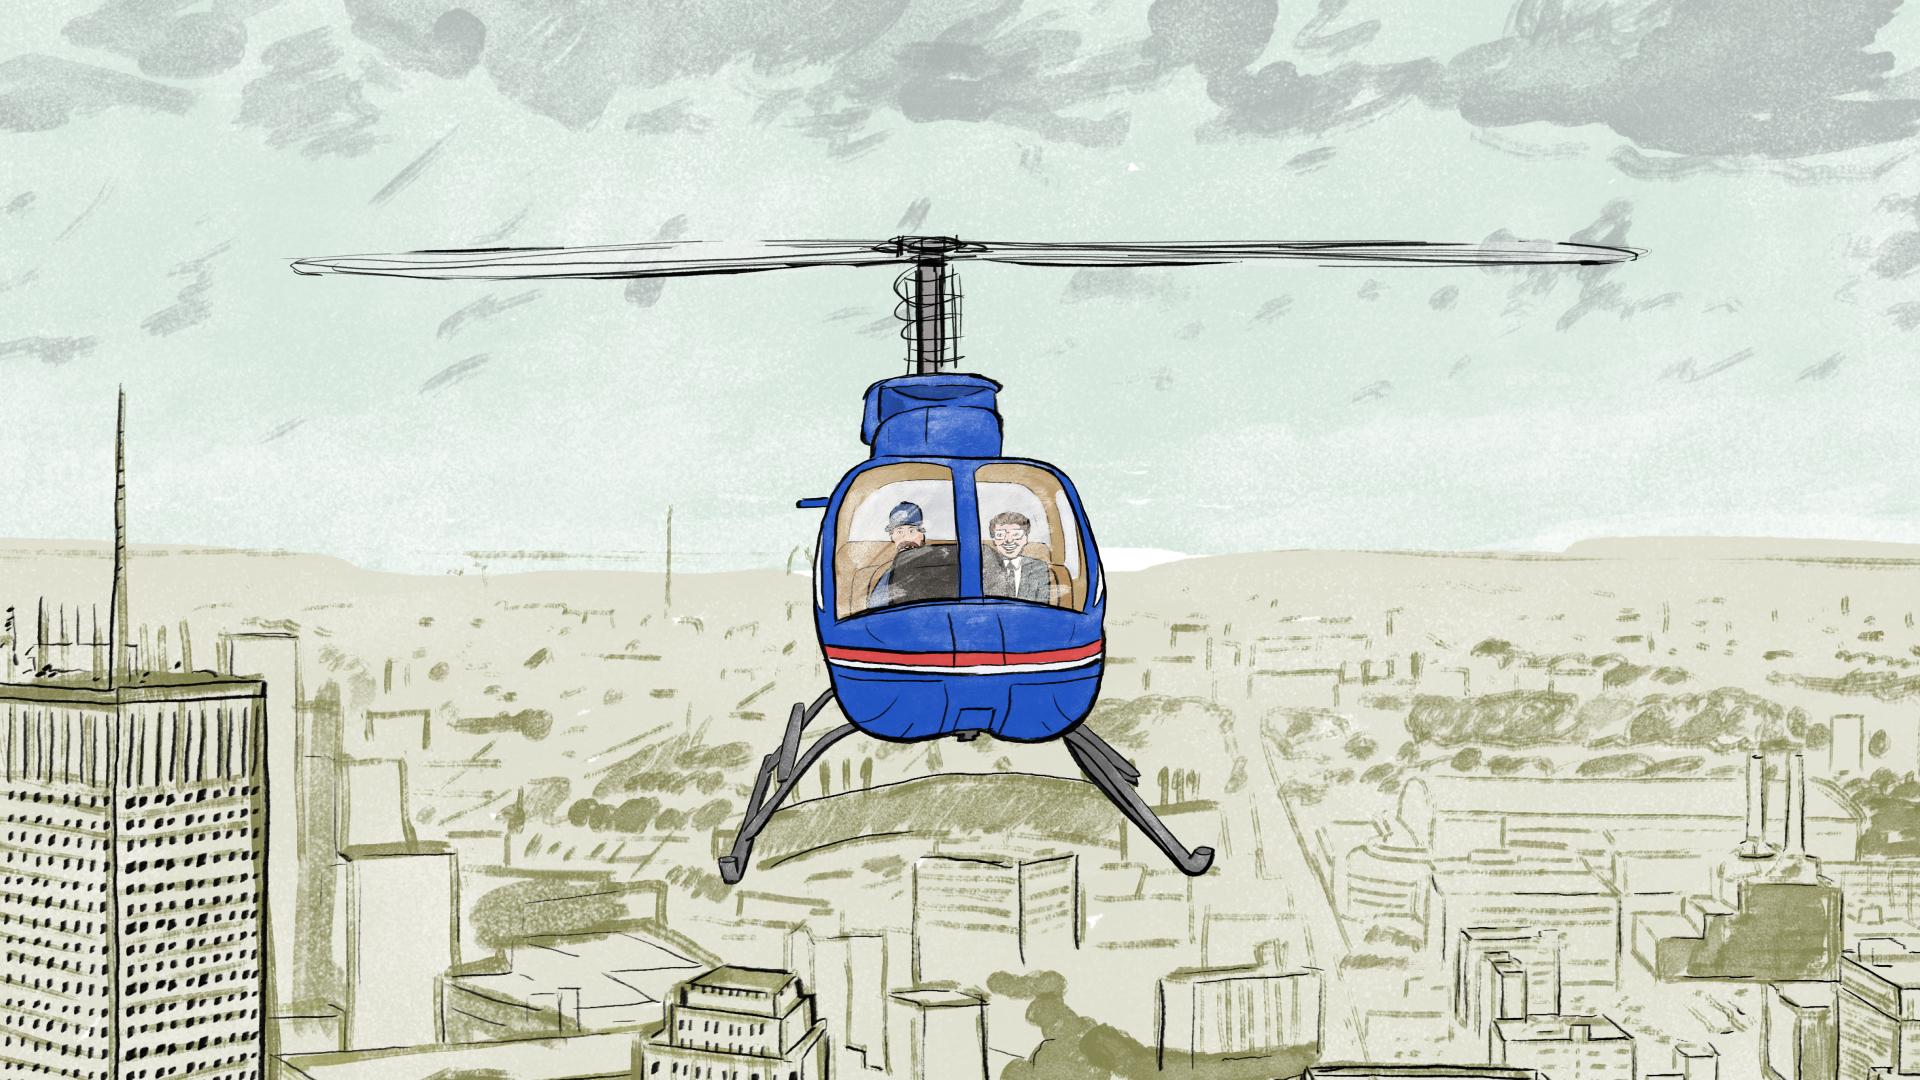 Flying Over Detroit